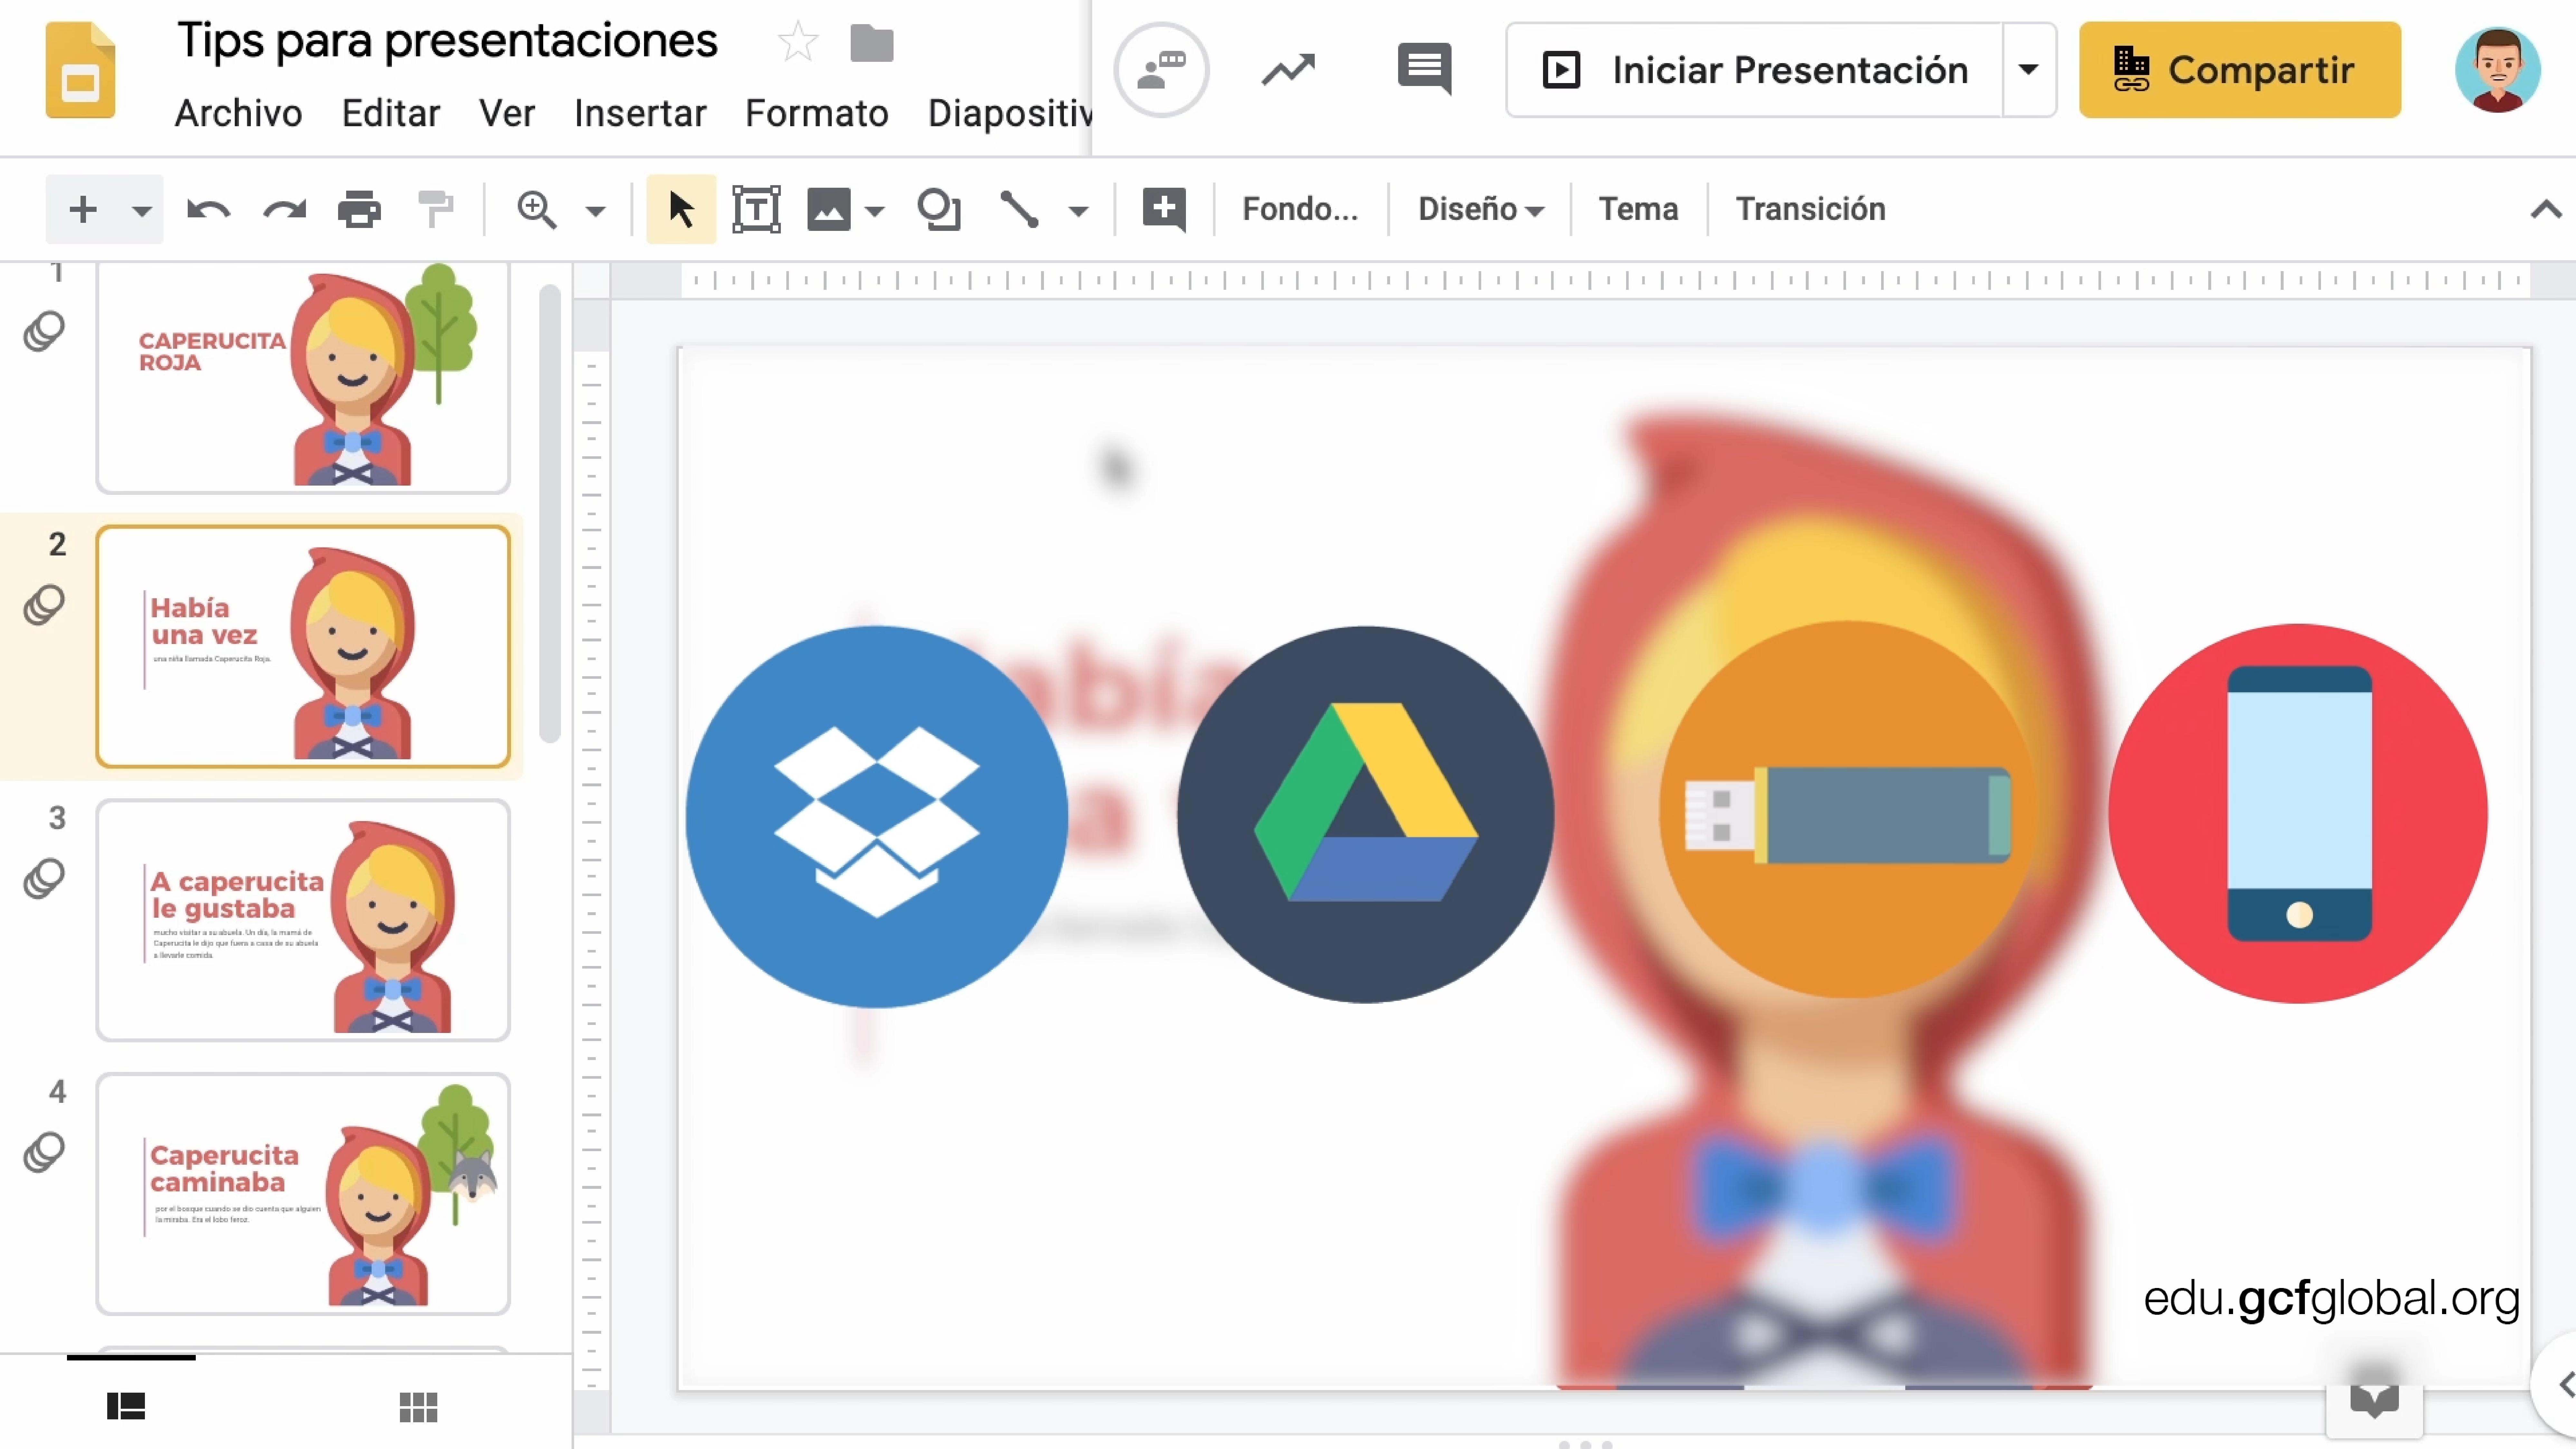 Imagen de diapositiva con recursos visuales de Dropbox, Google Drive, una USB y un celular inteligente.